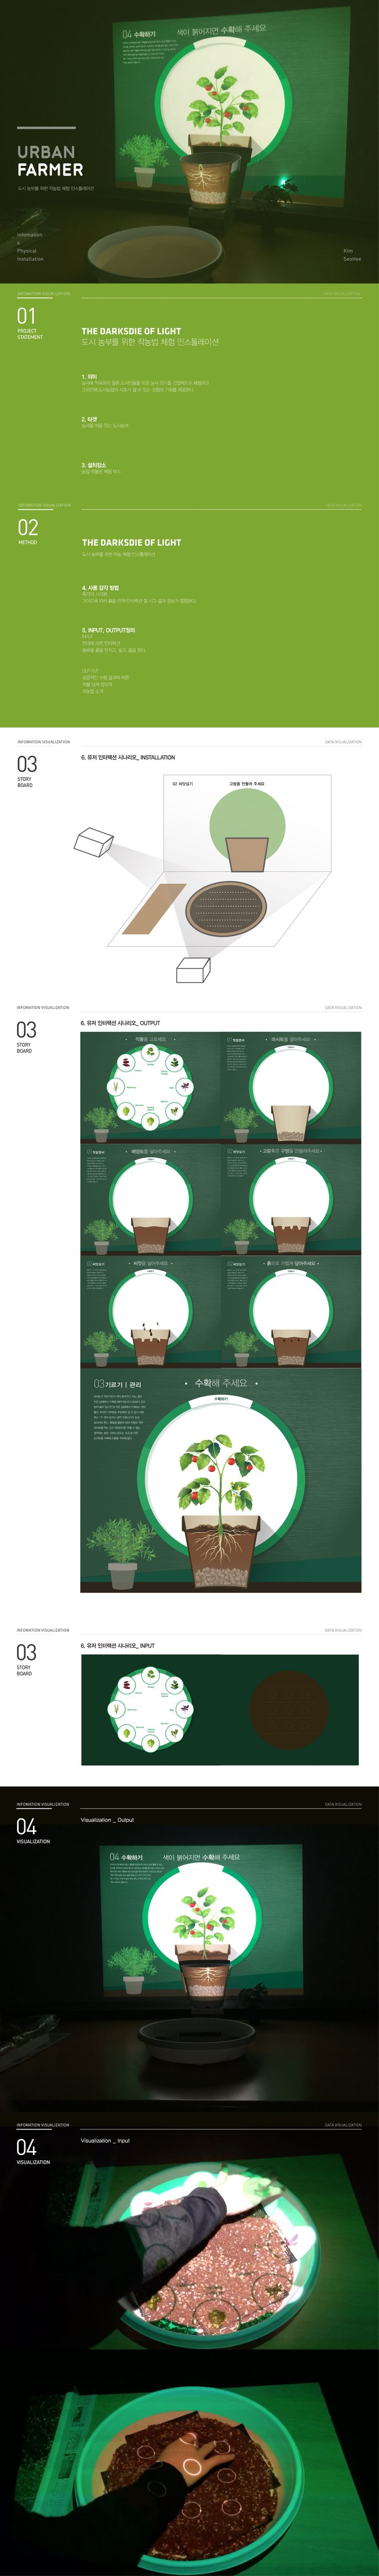 김서희│ Information Visualization 2015│ Major in Digital Media Design │#hicoda │hicoda.hongik.ac.kr